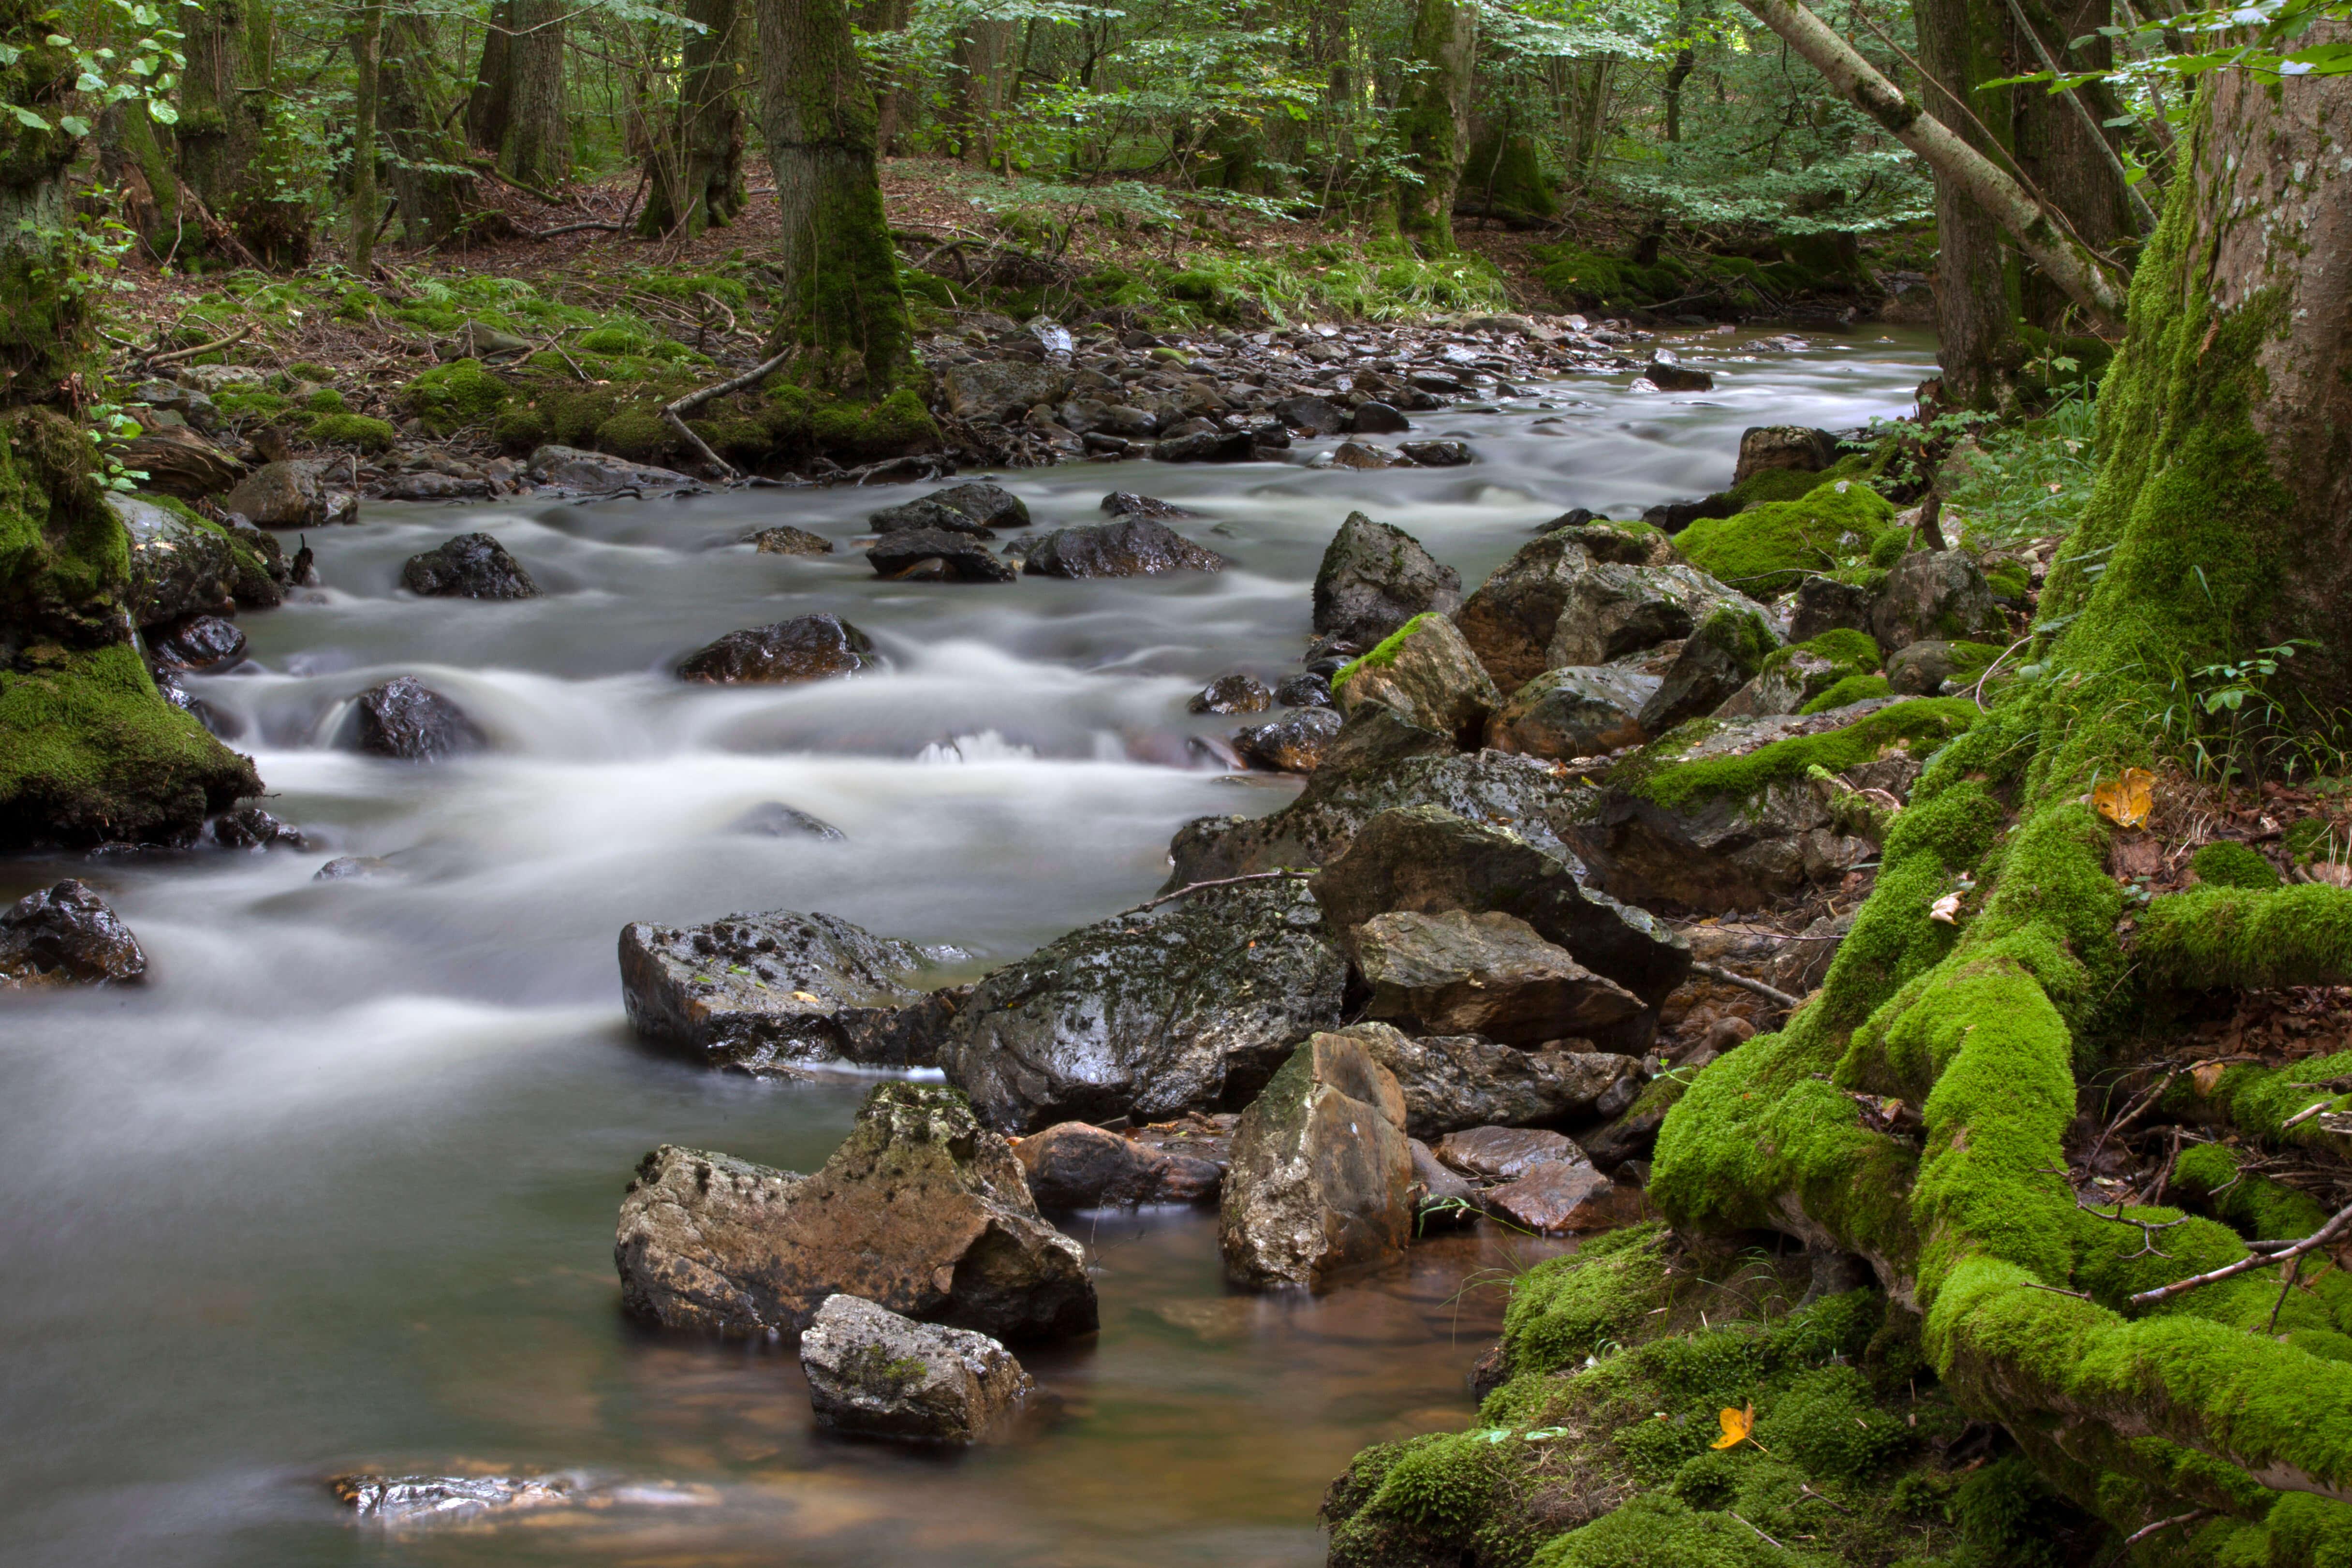 Nationalpark Hunsrück Hochwald - Sommerfrische an der Traun